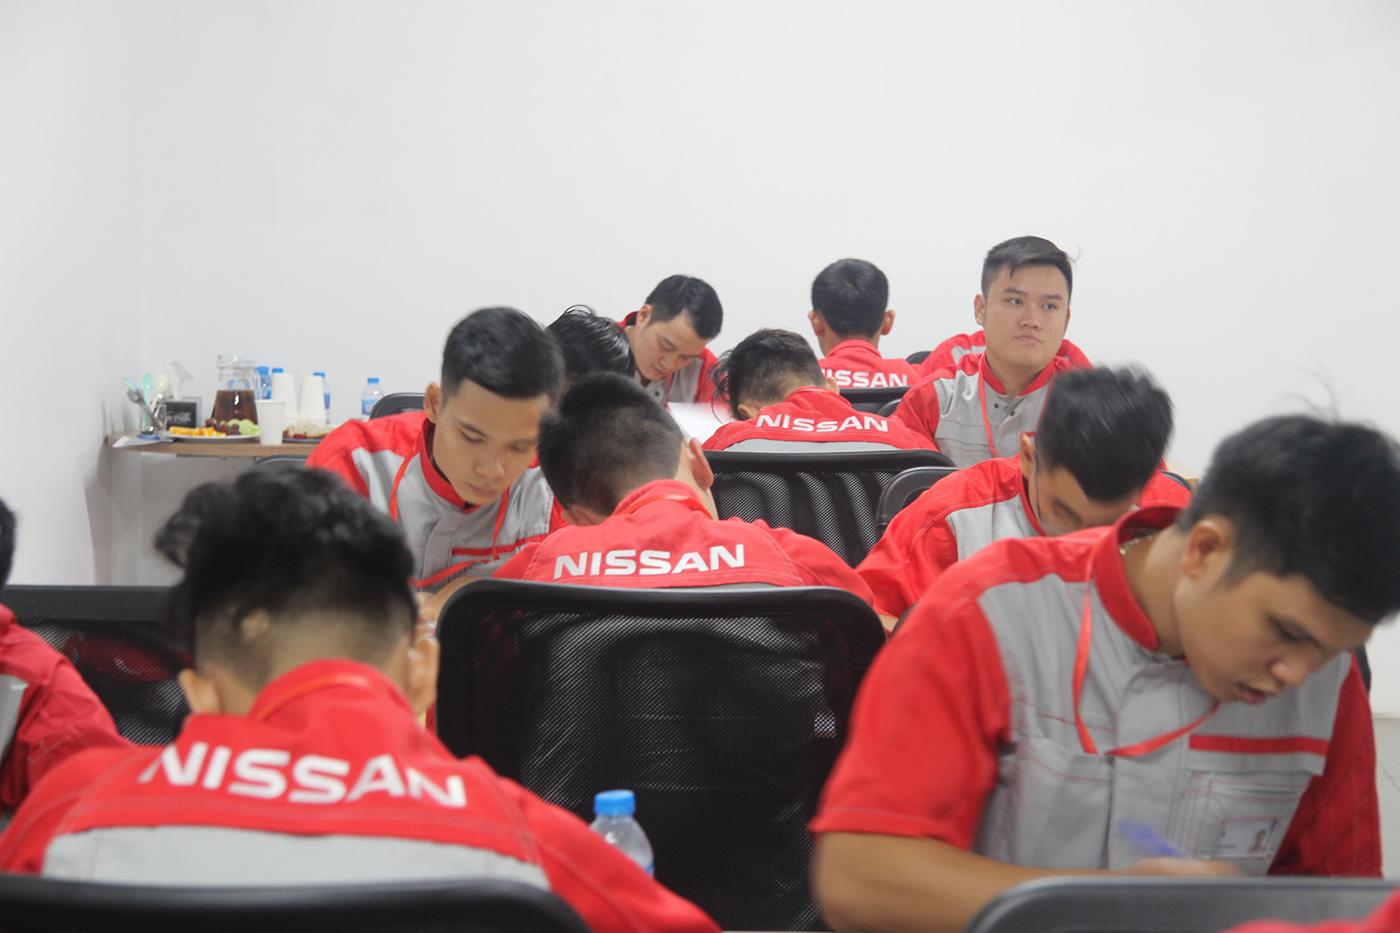 nissan-vietnam-06.jpg